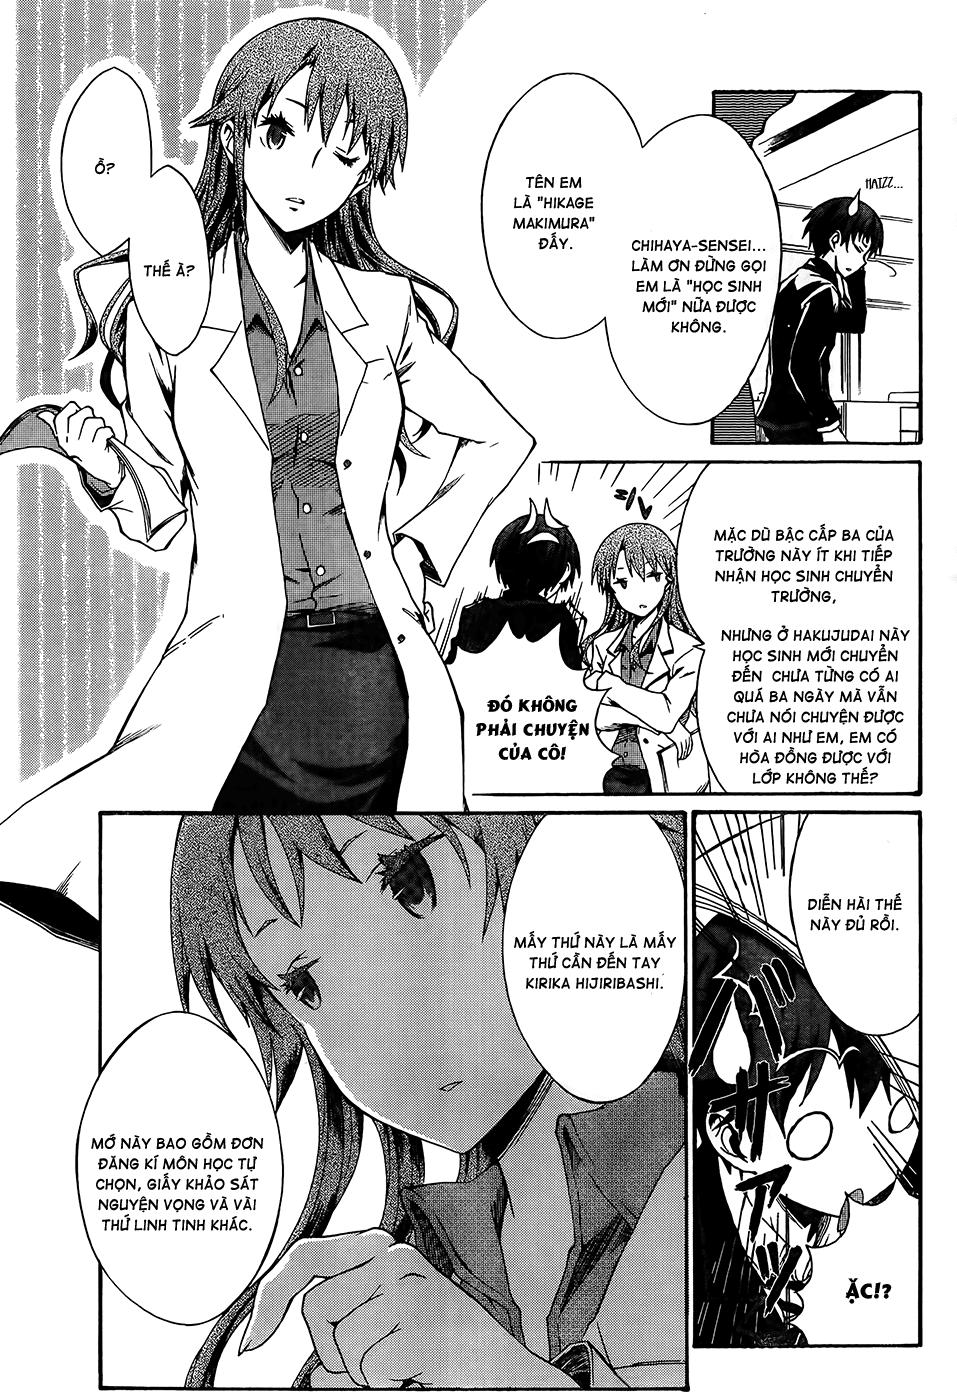 Seitokai Tantei Kirika chap 0 - Trang 5